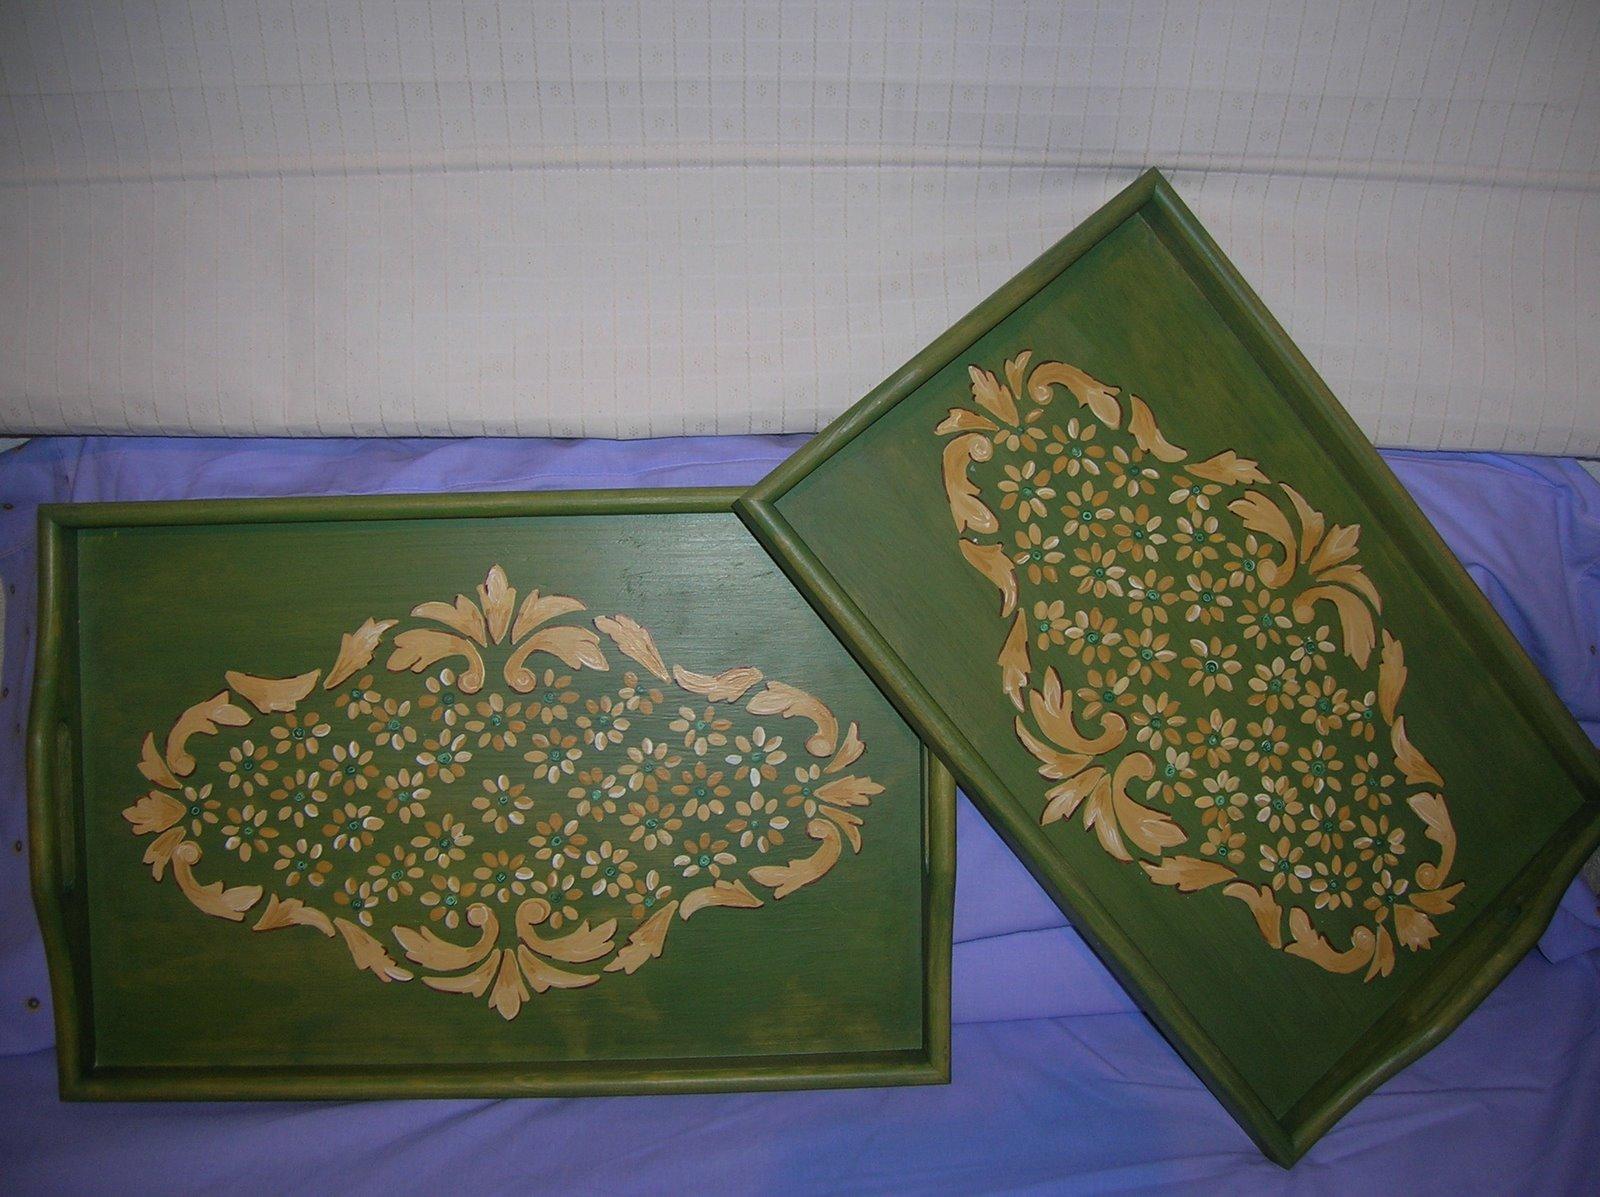 Bandejas madera green for Bandejas de madera decoradas